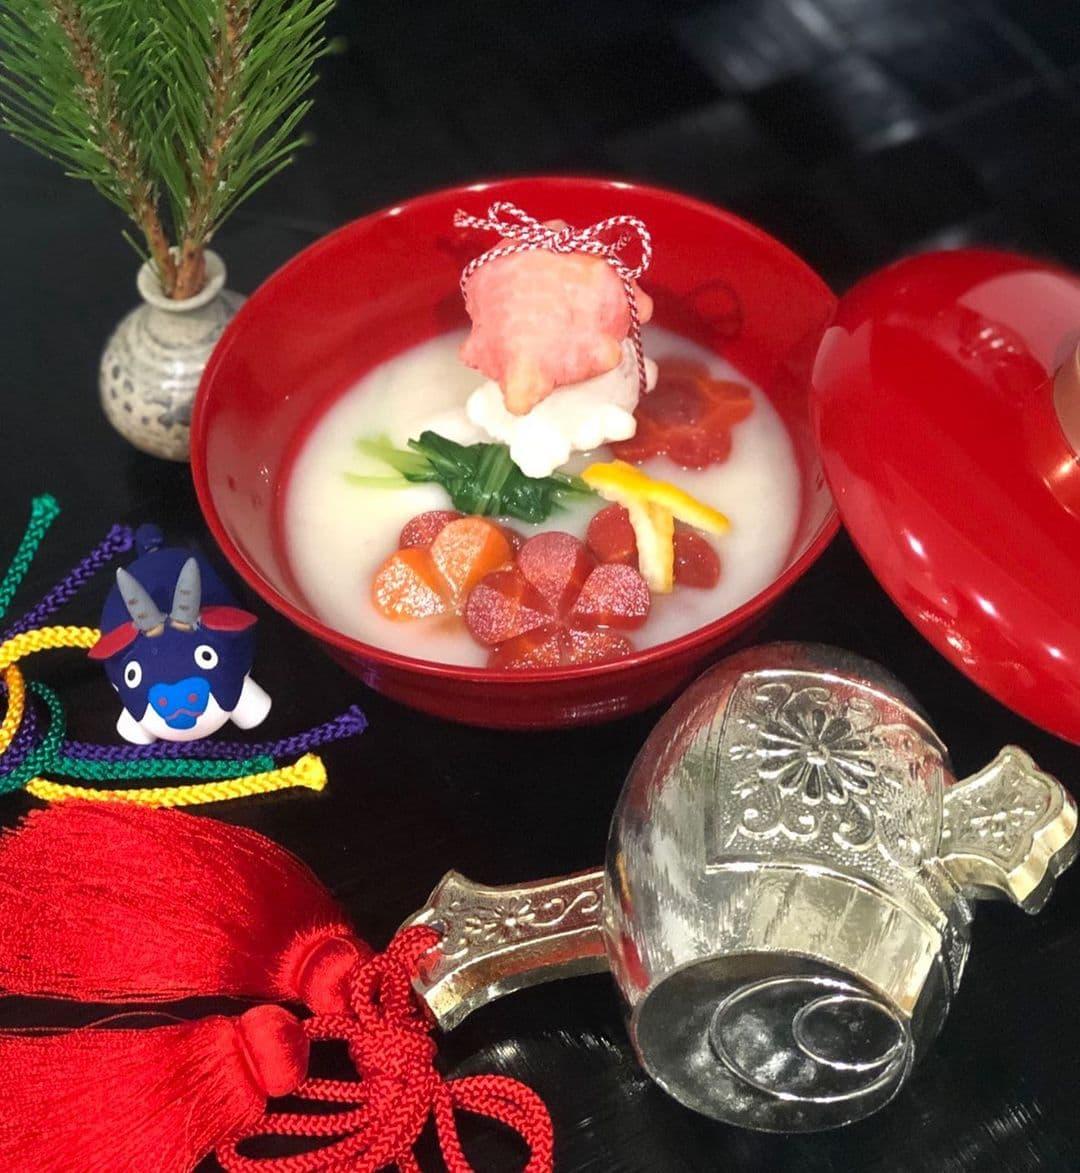 【紅白亀甲餅お雑煮コンテスト 入賞】